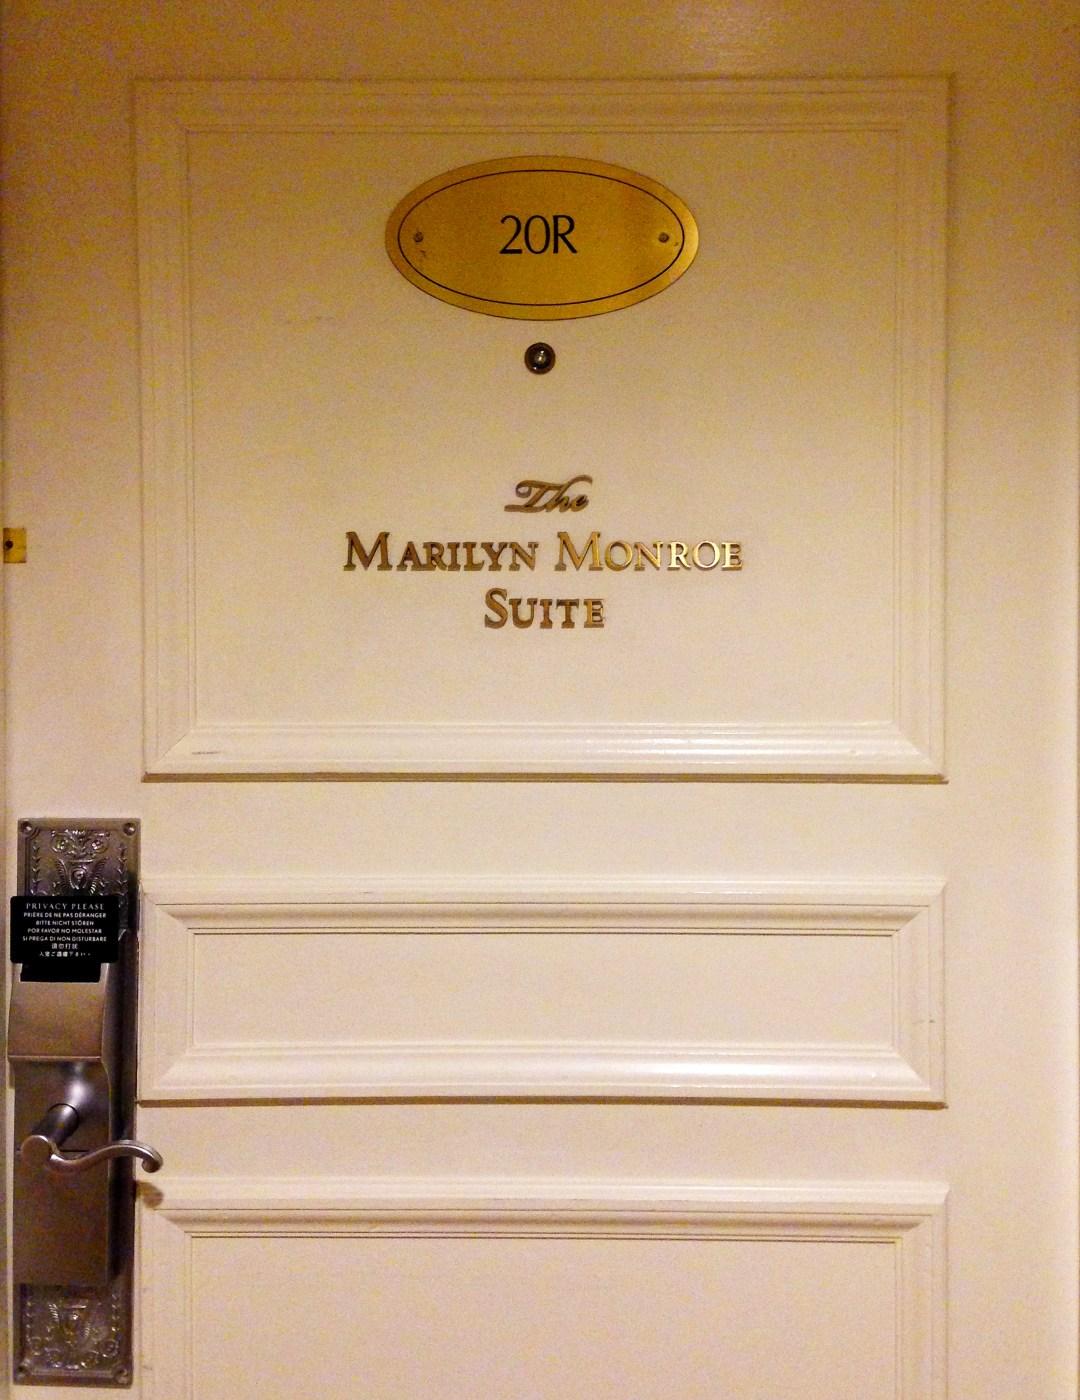 Marilyn Monroe Suite in the Waldorf Astoria Hotel